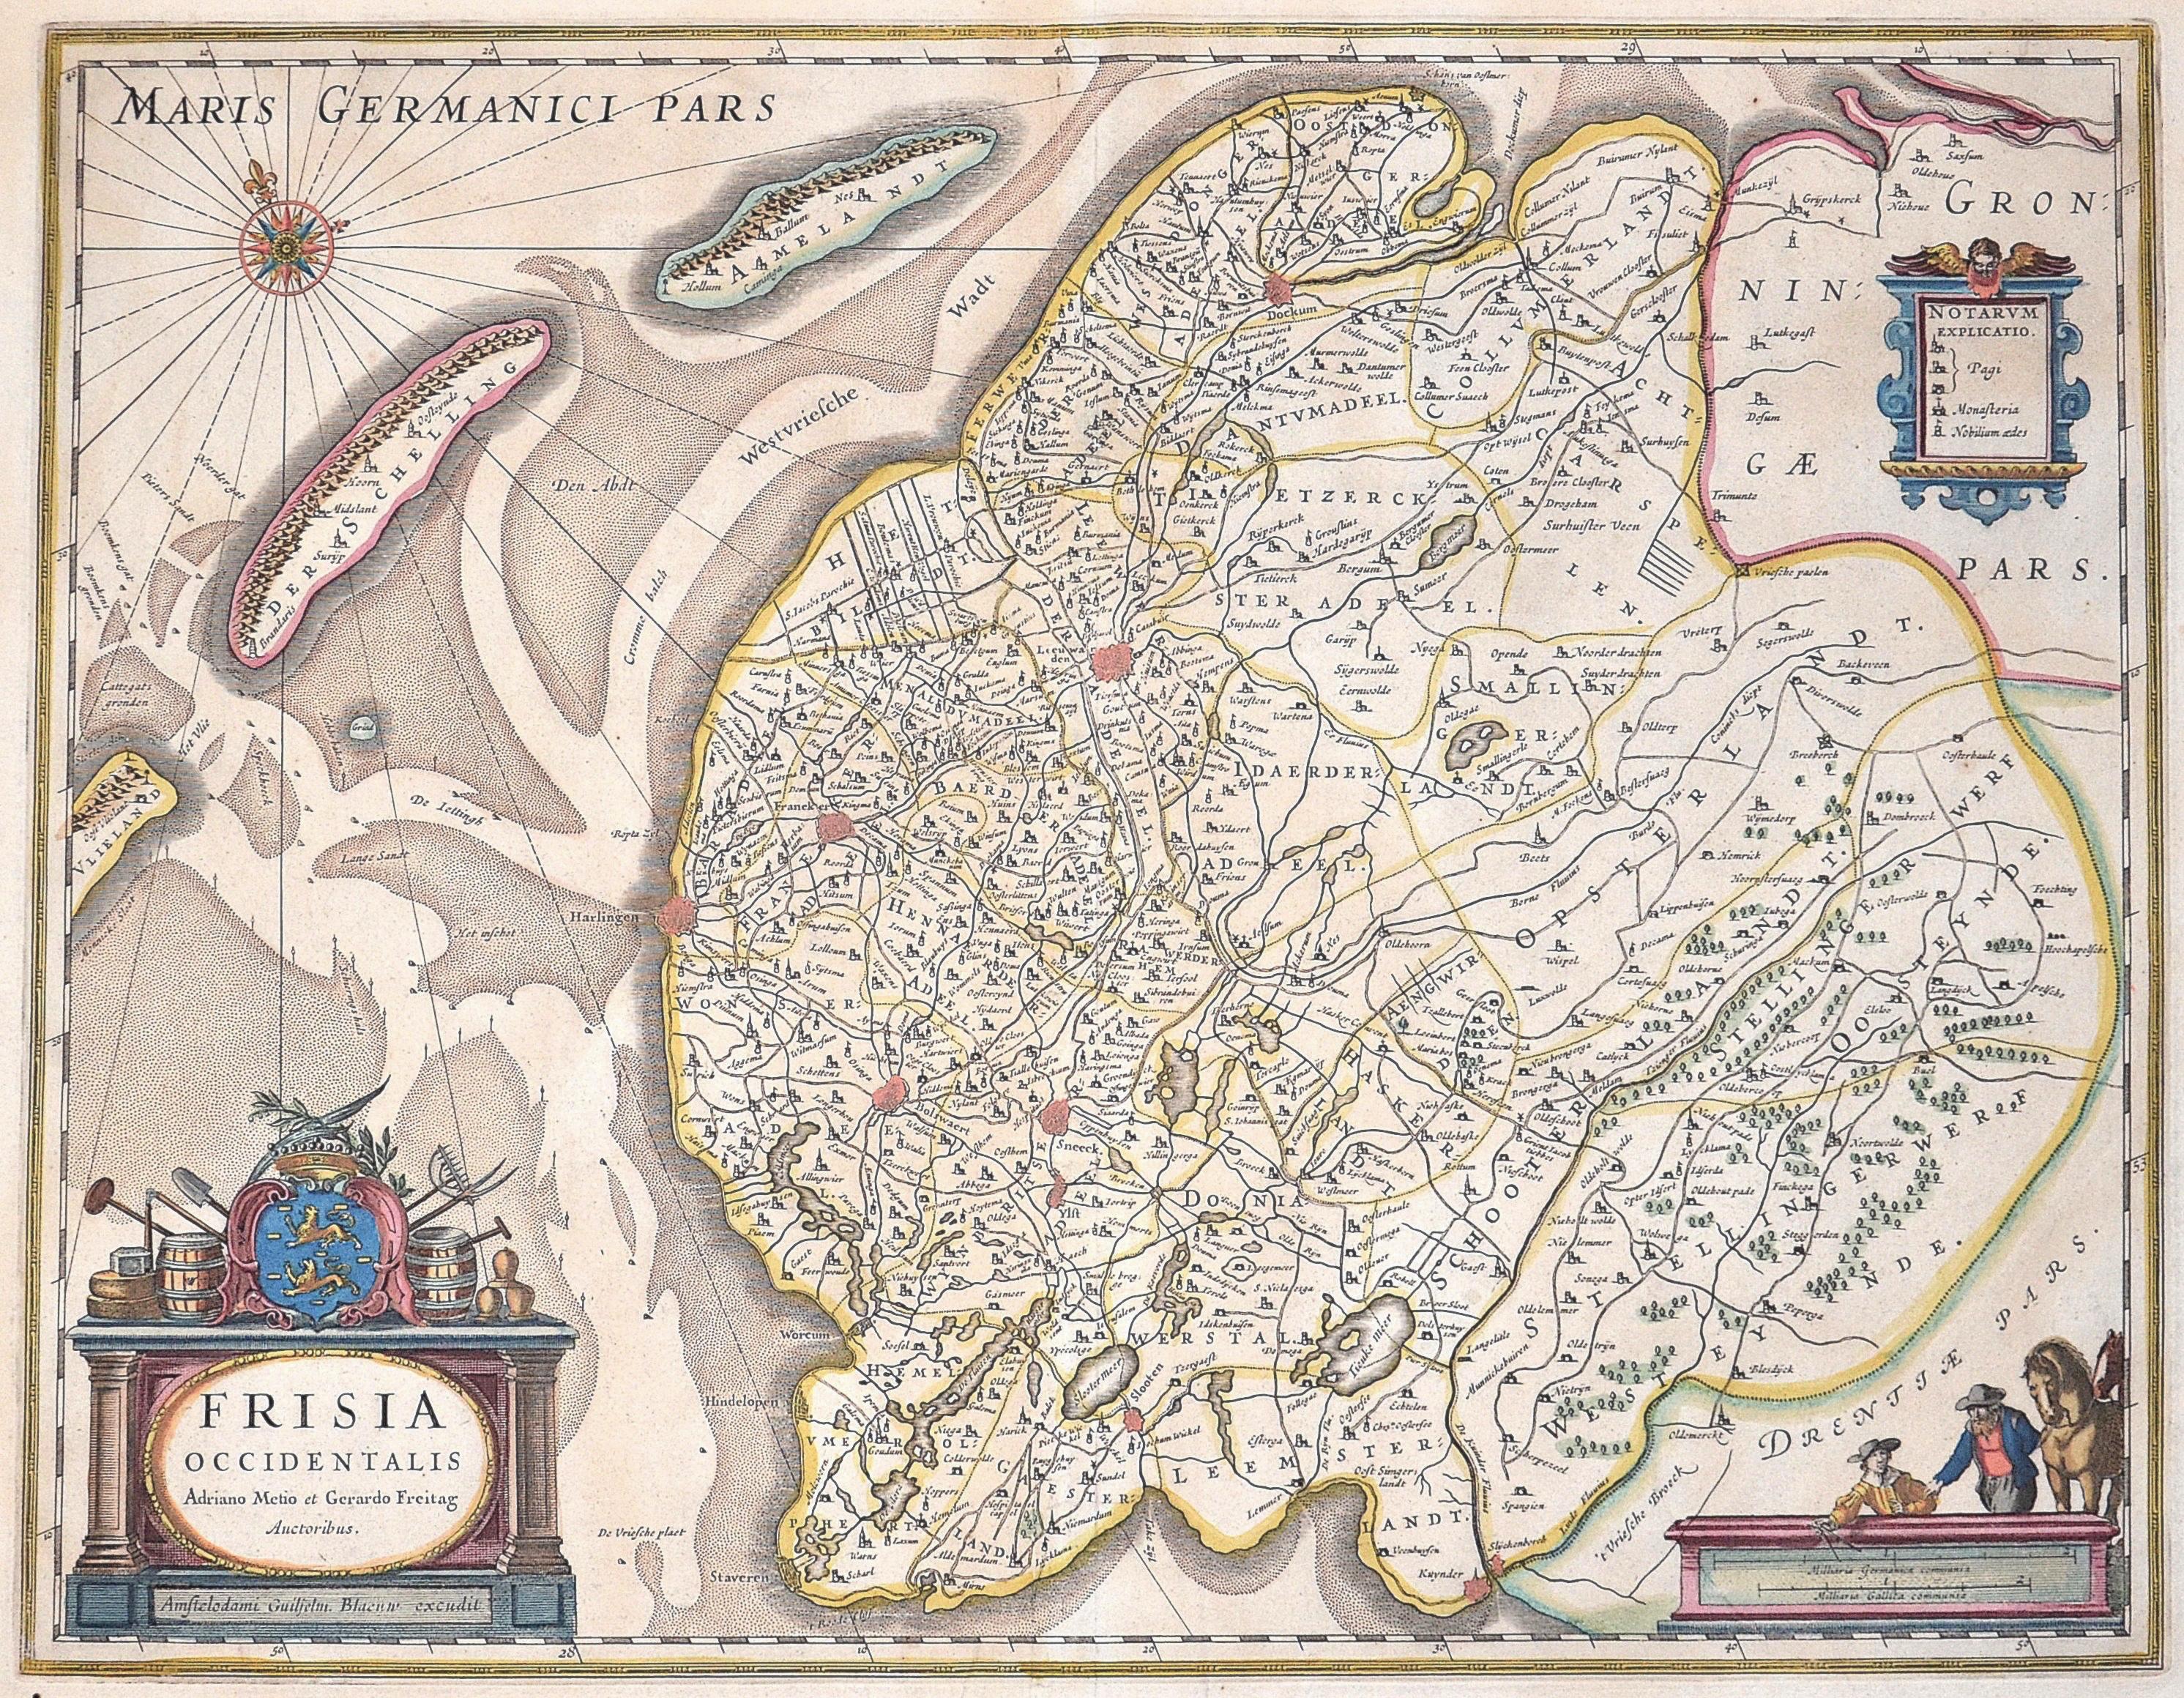 Blaeu Willem Janszoon Frisia Occidentalis Adriano Metio et Gerardo Freitag Auctoribus.